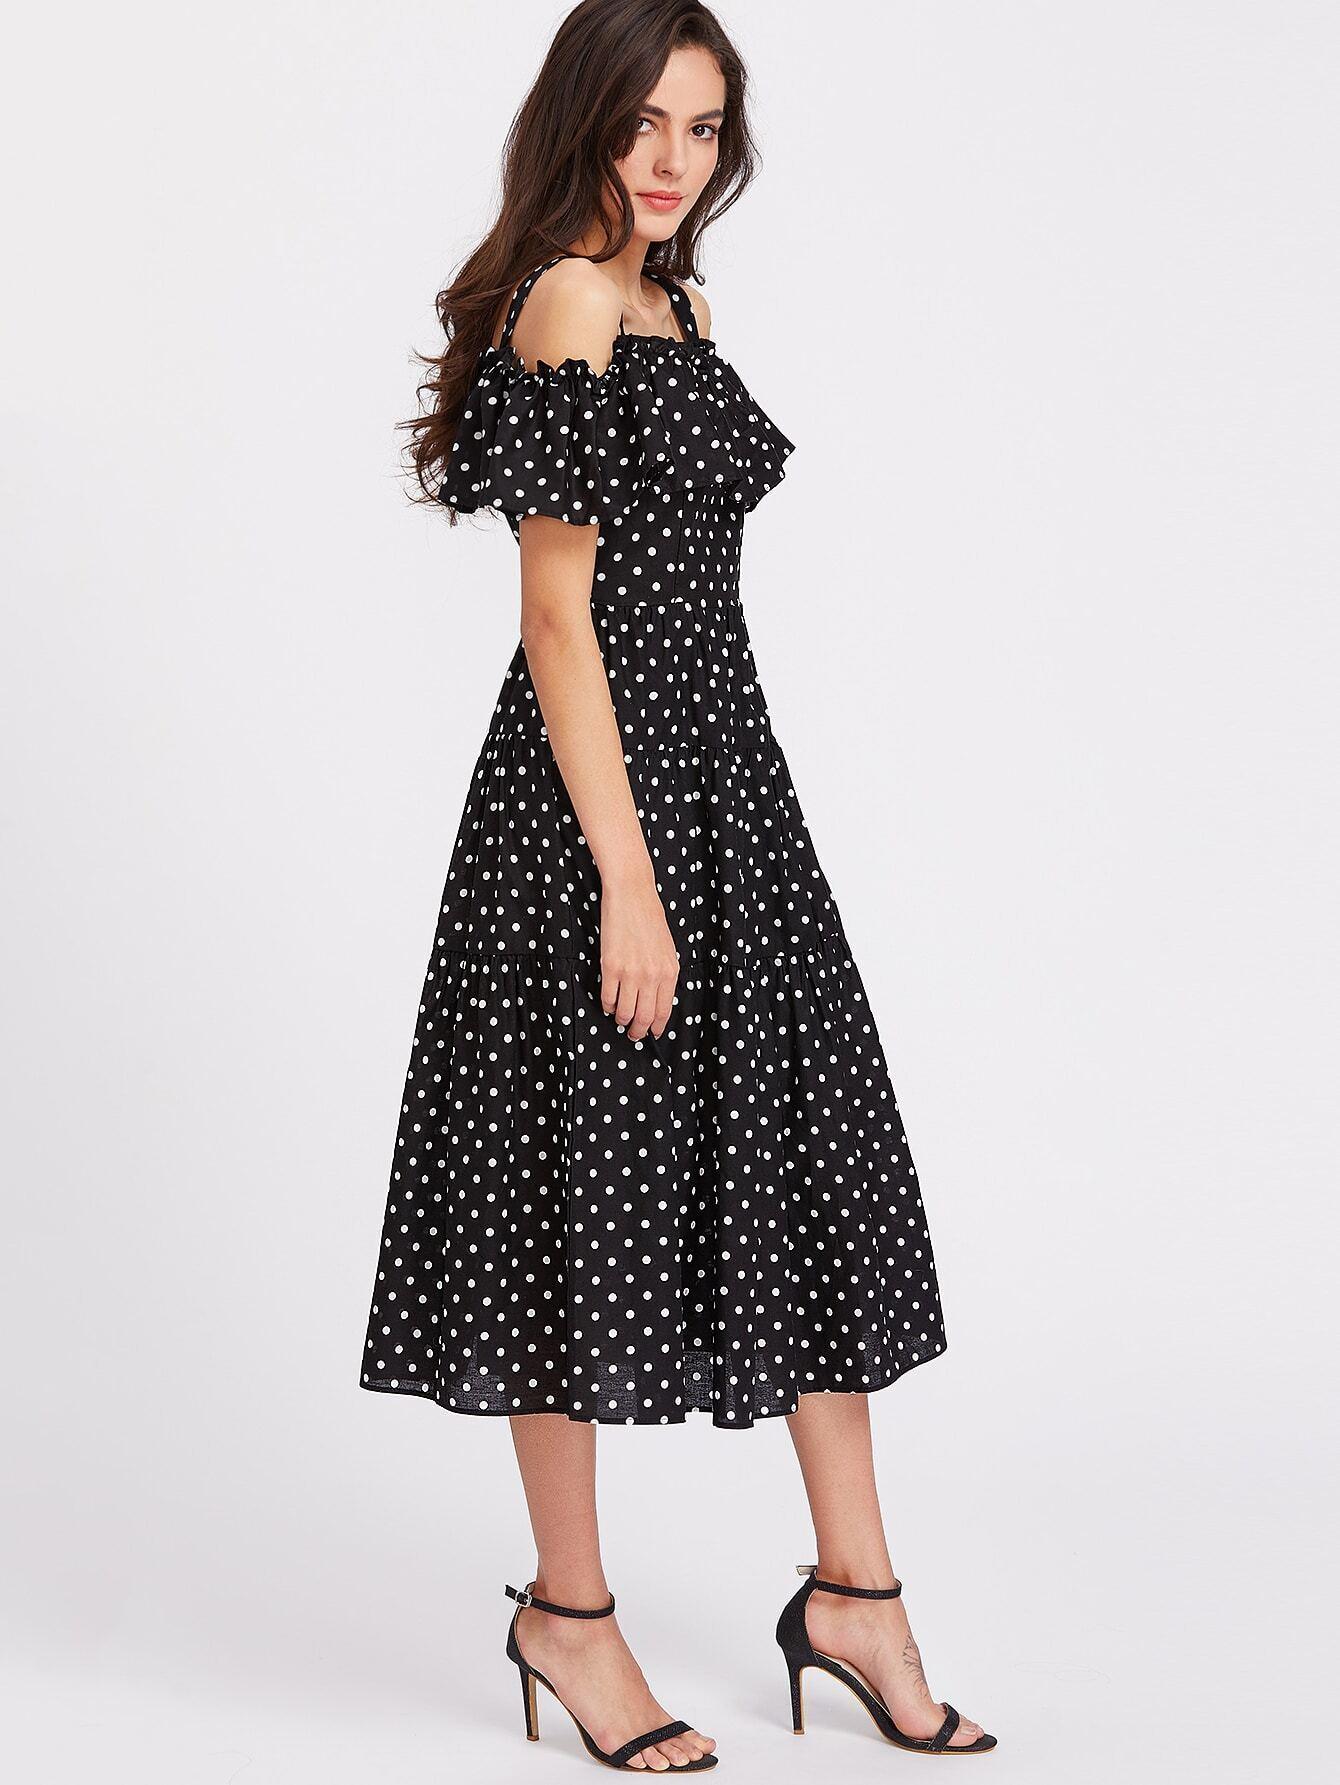 dress170414201_2